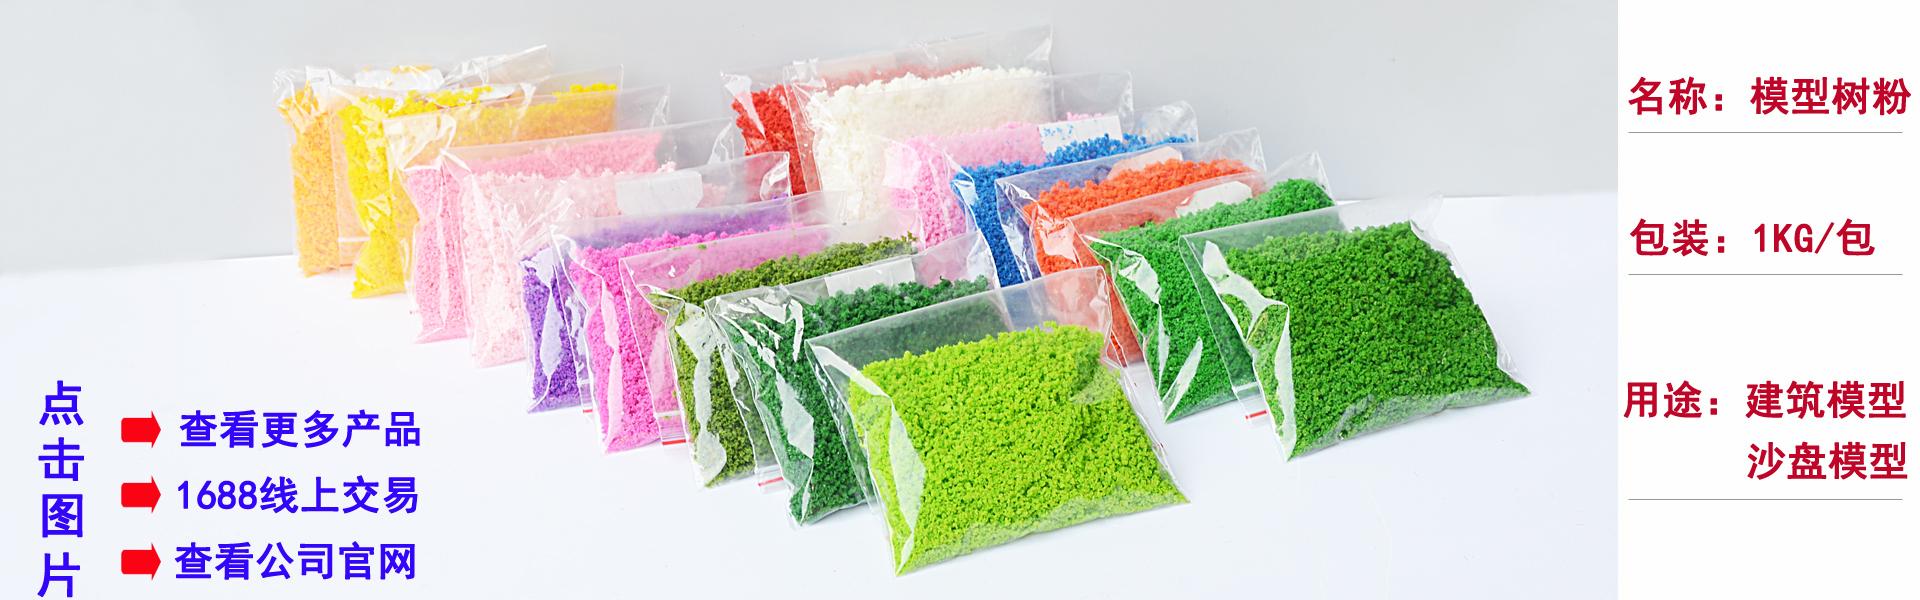 绿化模型材料